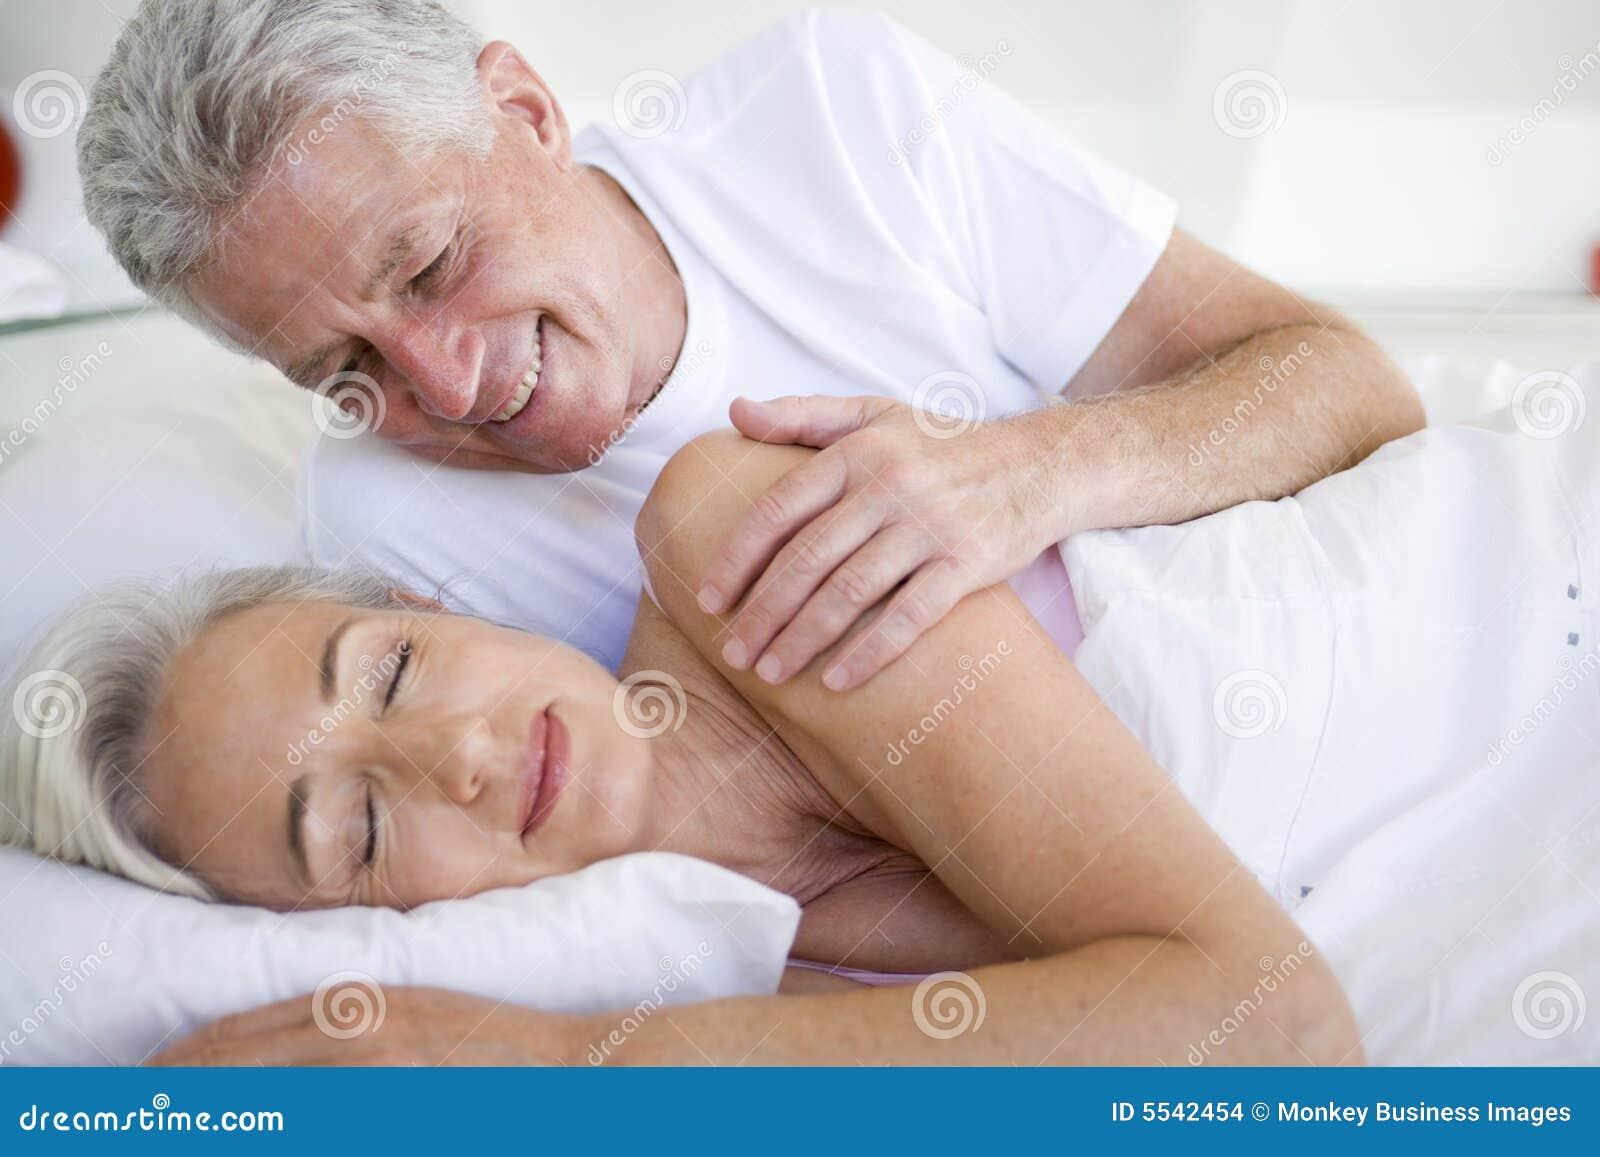 Секс рассказ зрелых мужчин фото, Порно рассказы: Зрелая женщина и парень 18 фотография